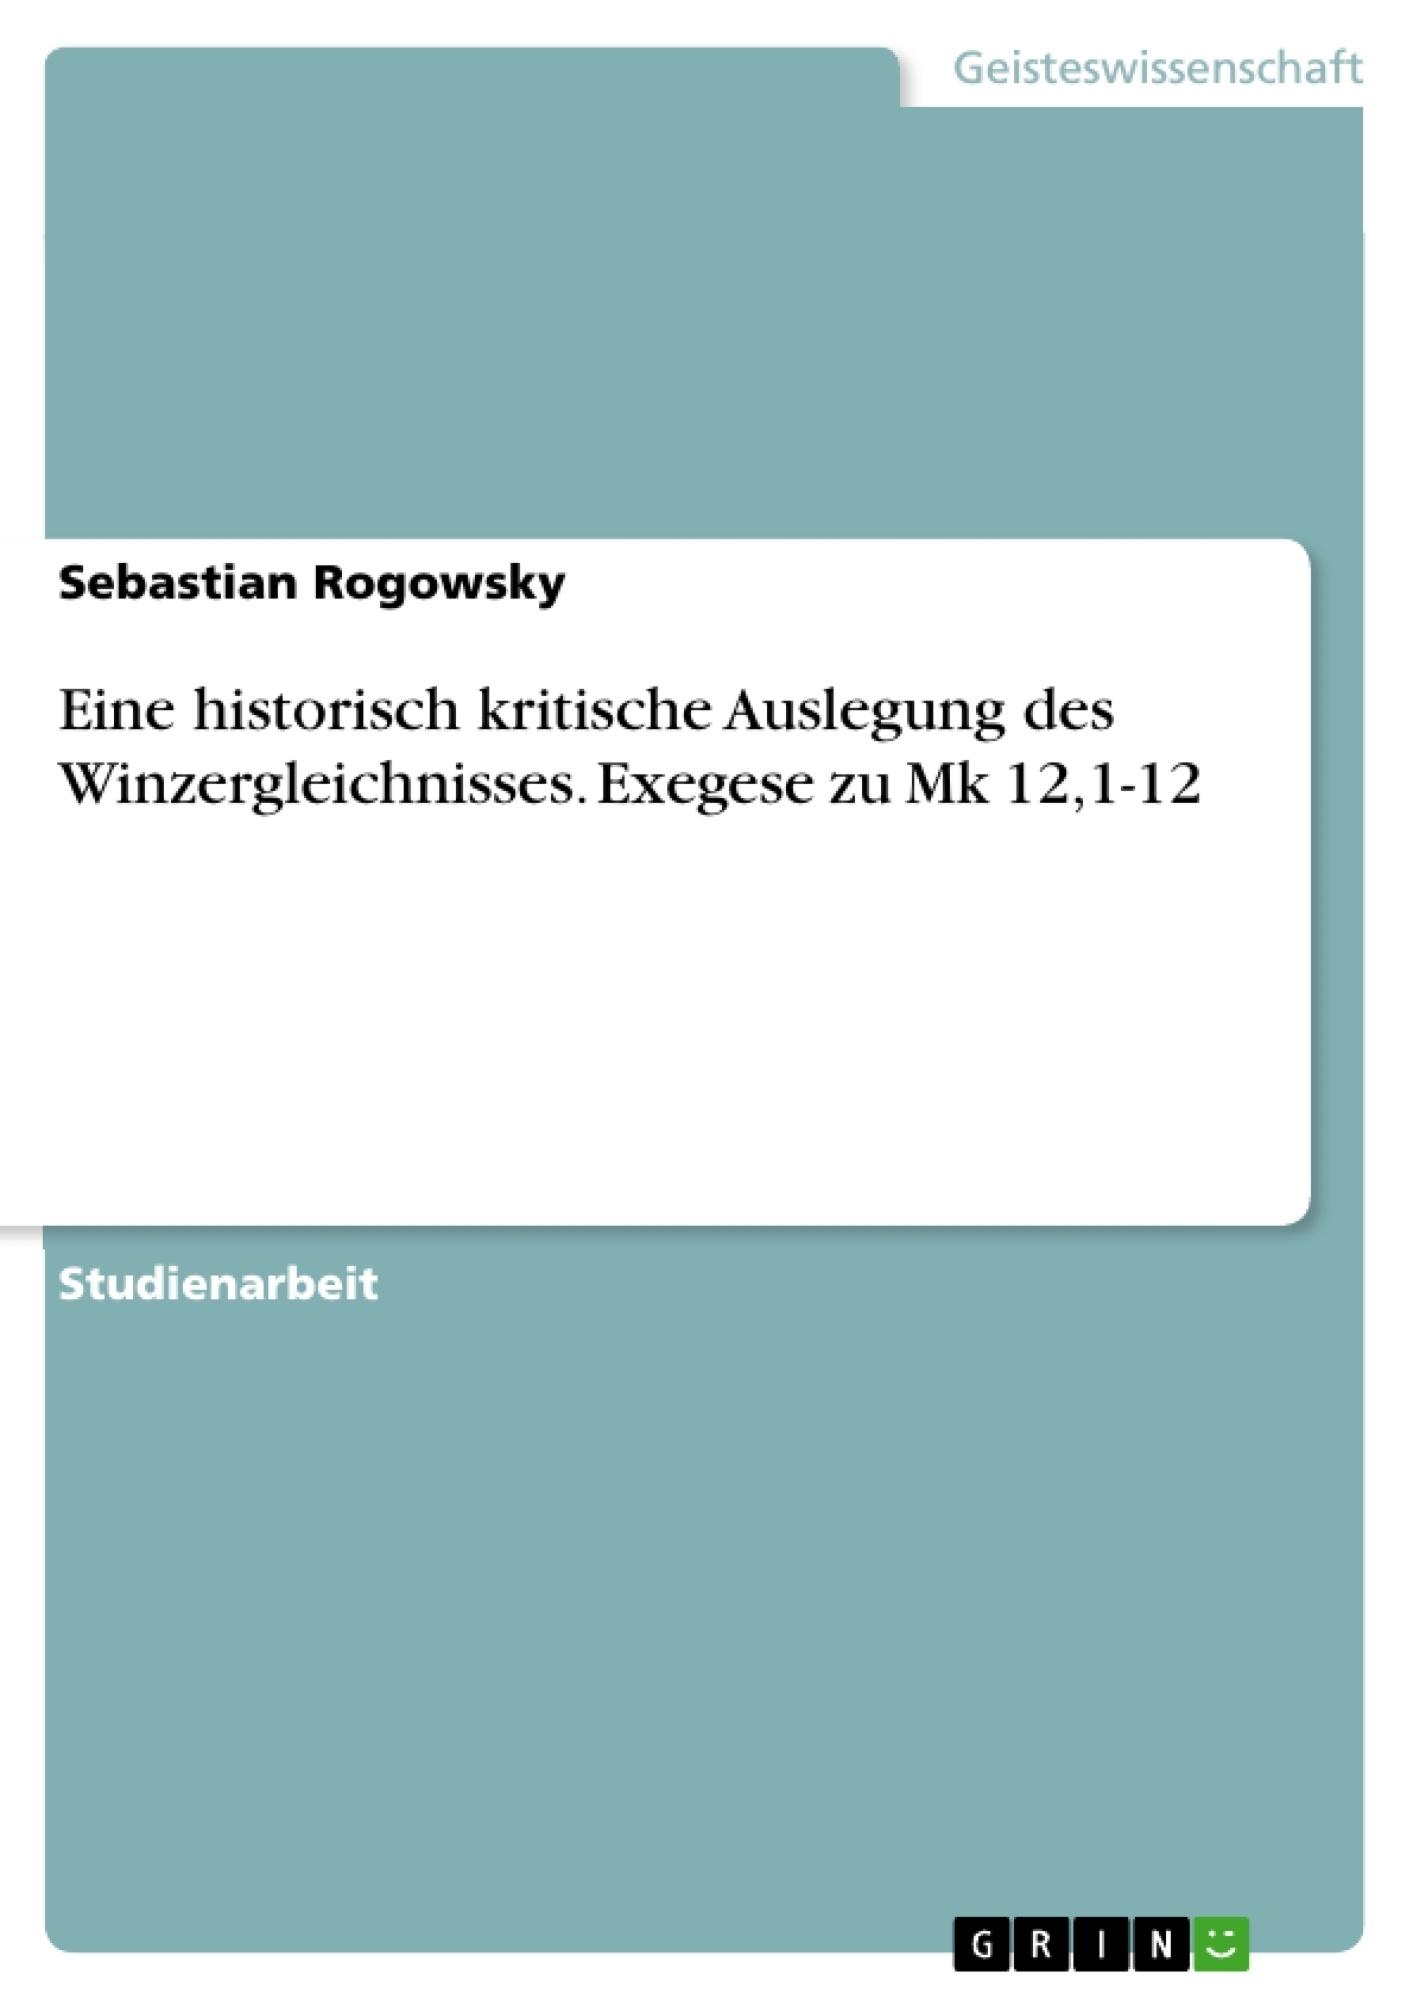 Titel: Eine historisch kritische Auslegung des Winzergleichnisses. Exegese zu Mk 12,1-12